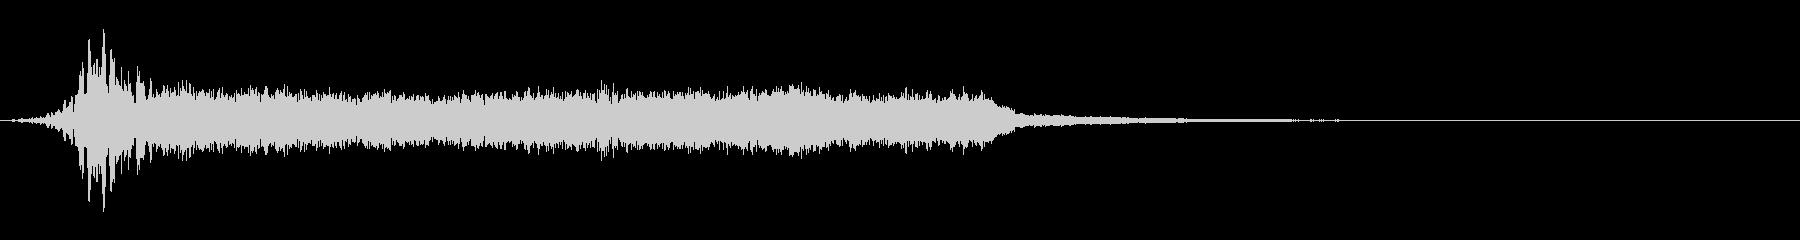 エレクトロなジャーンというファンファーレの未再生の波形